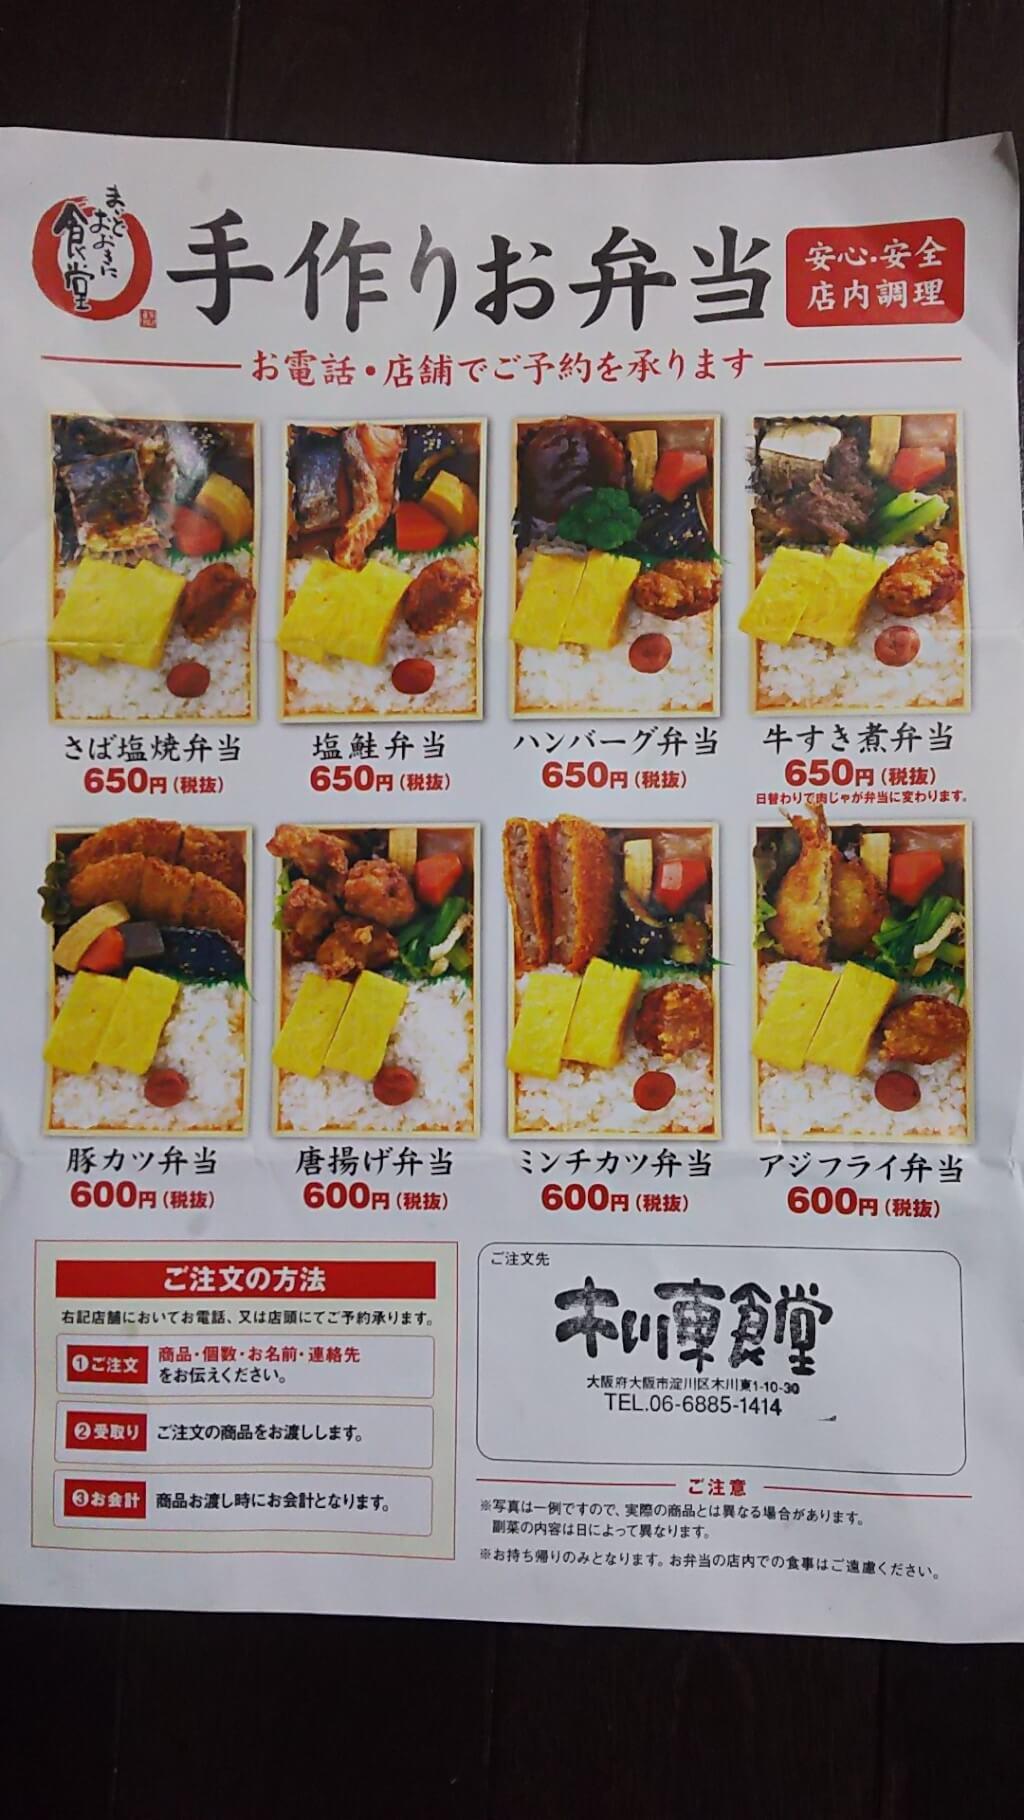 木川東食堂 手作りお弁当 メニュー